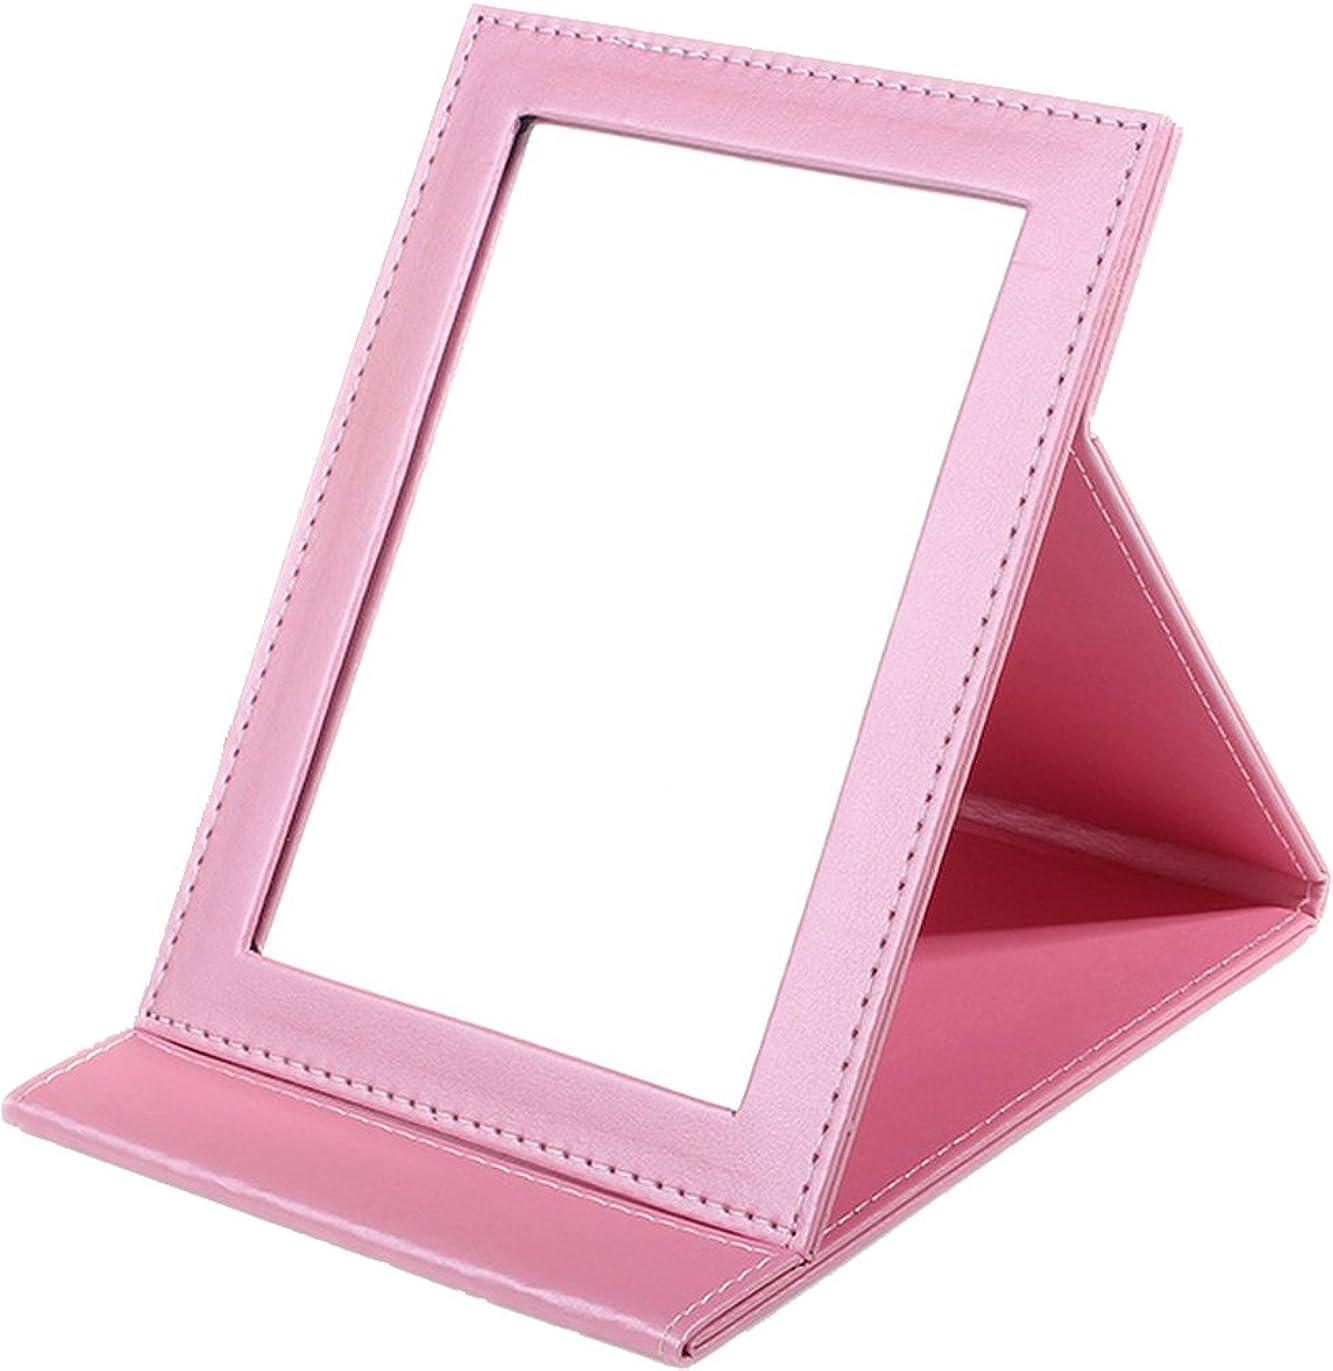 鳴り響く隣人重大Sunset House 折りたたみミラー レザー 鏡 ピンク 小 中 大 3サイズ (M)